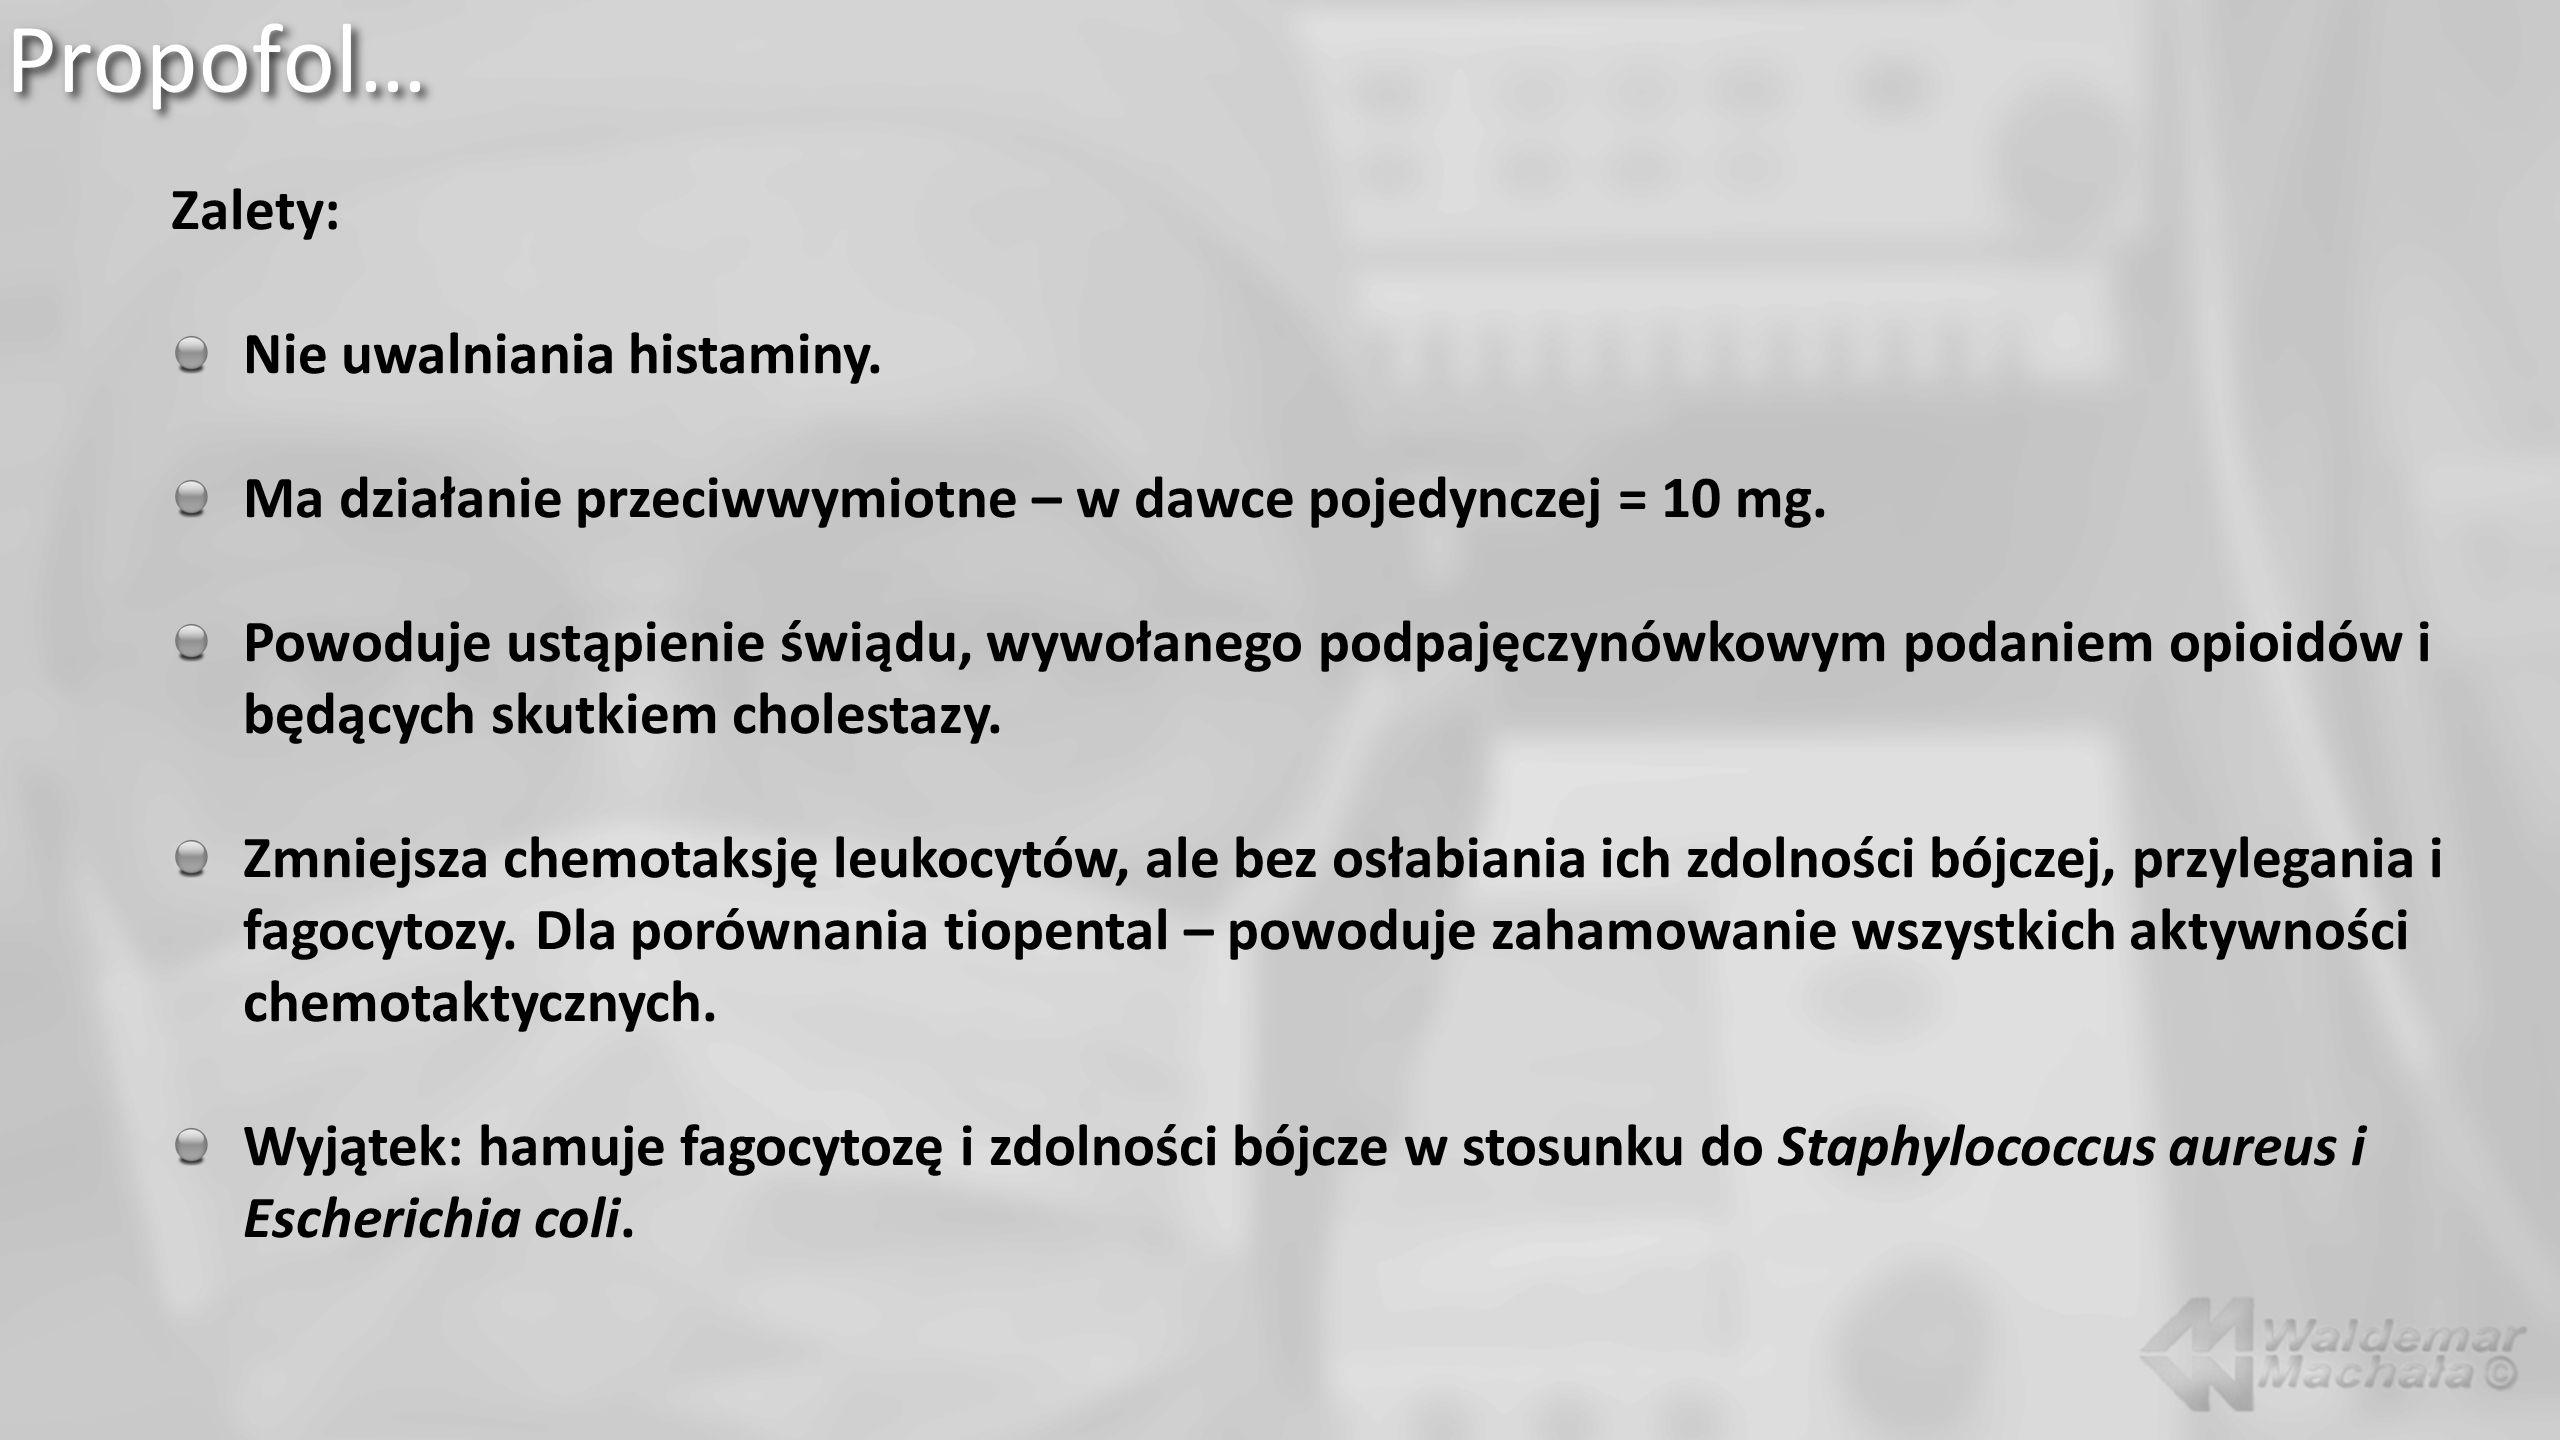 Propofol… Zalety: Nie uwalniania histaminy. Ma działanie przeciwwymiotne – w dawce pojedynczej = 10 mg. Powoduje ustąpienie świądu, wywołanego podpaję